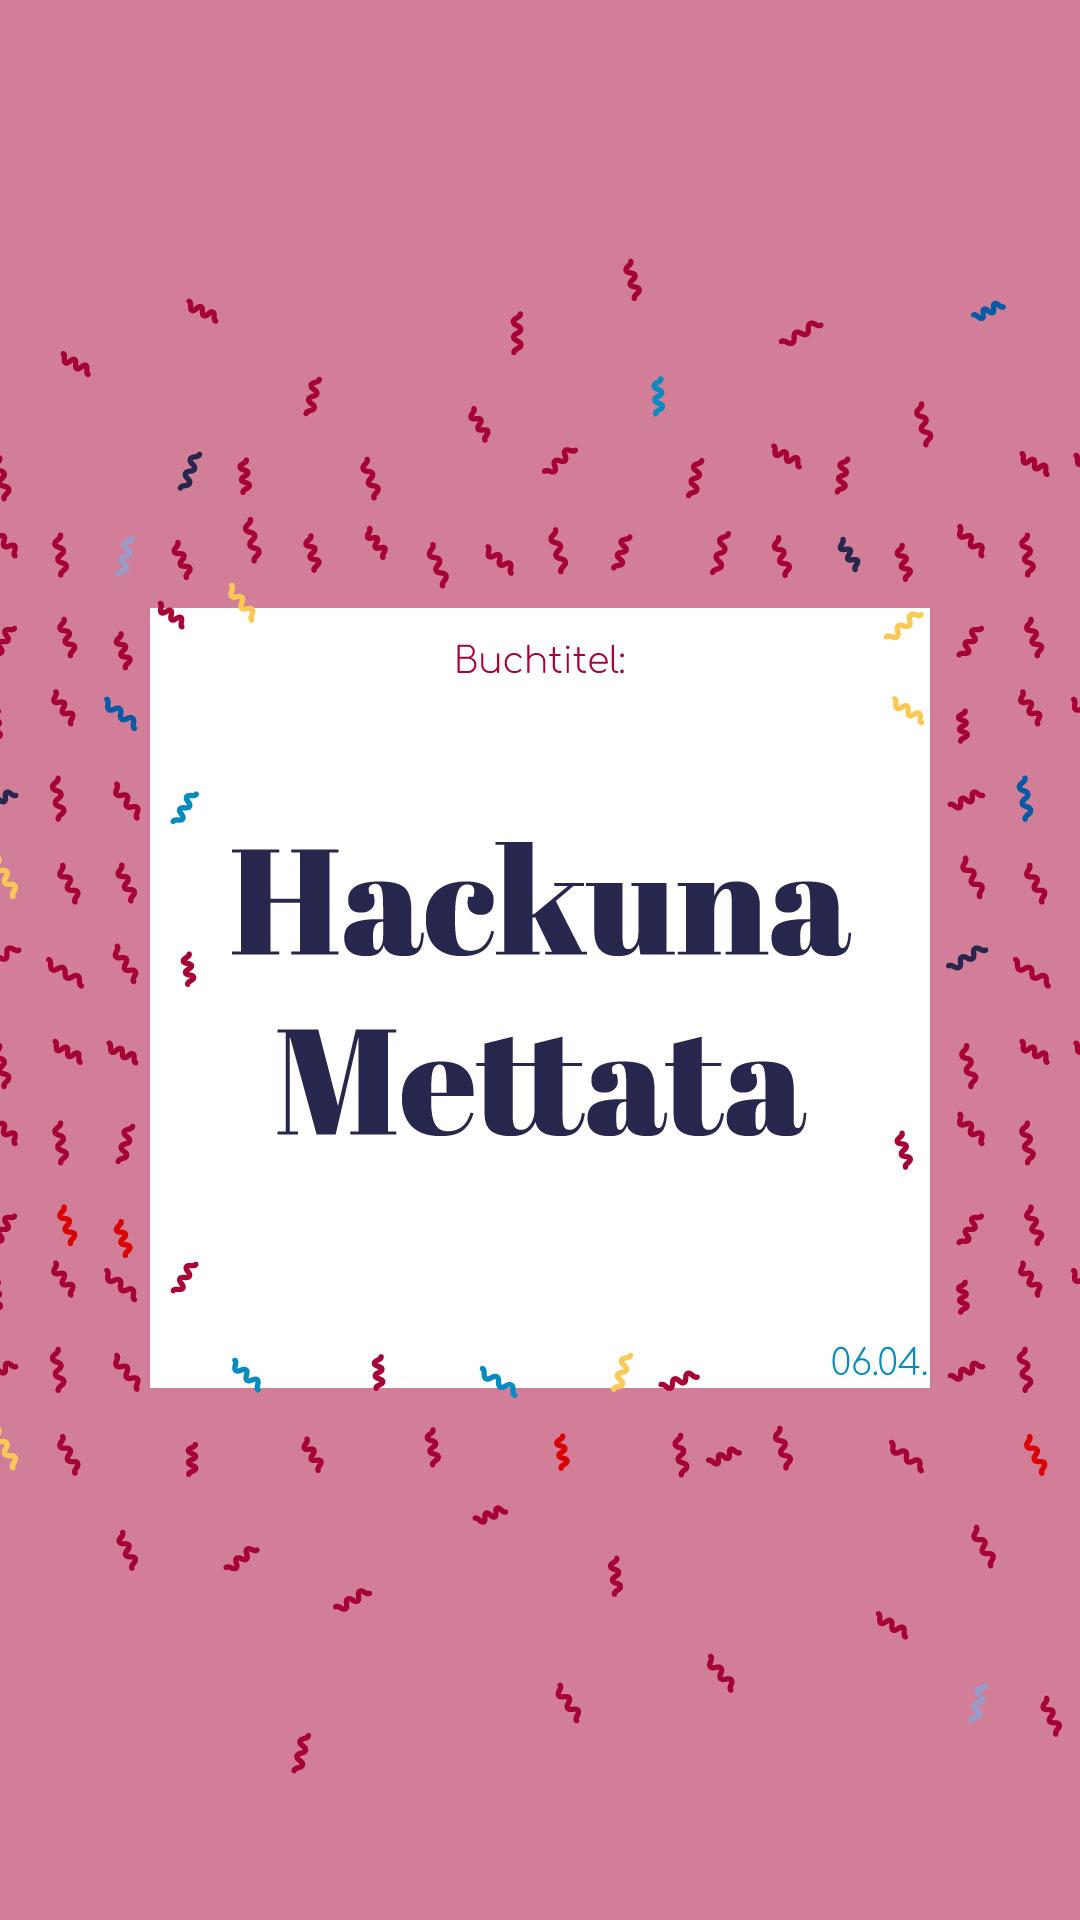 Hackuna Mettata